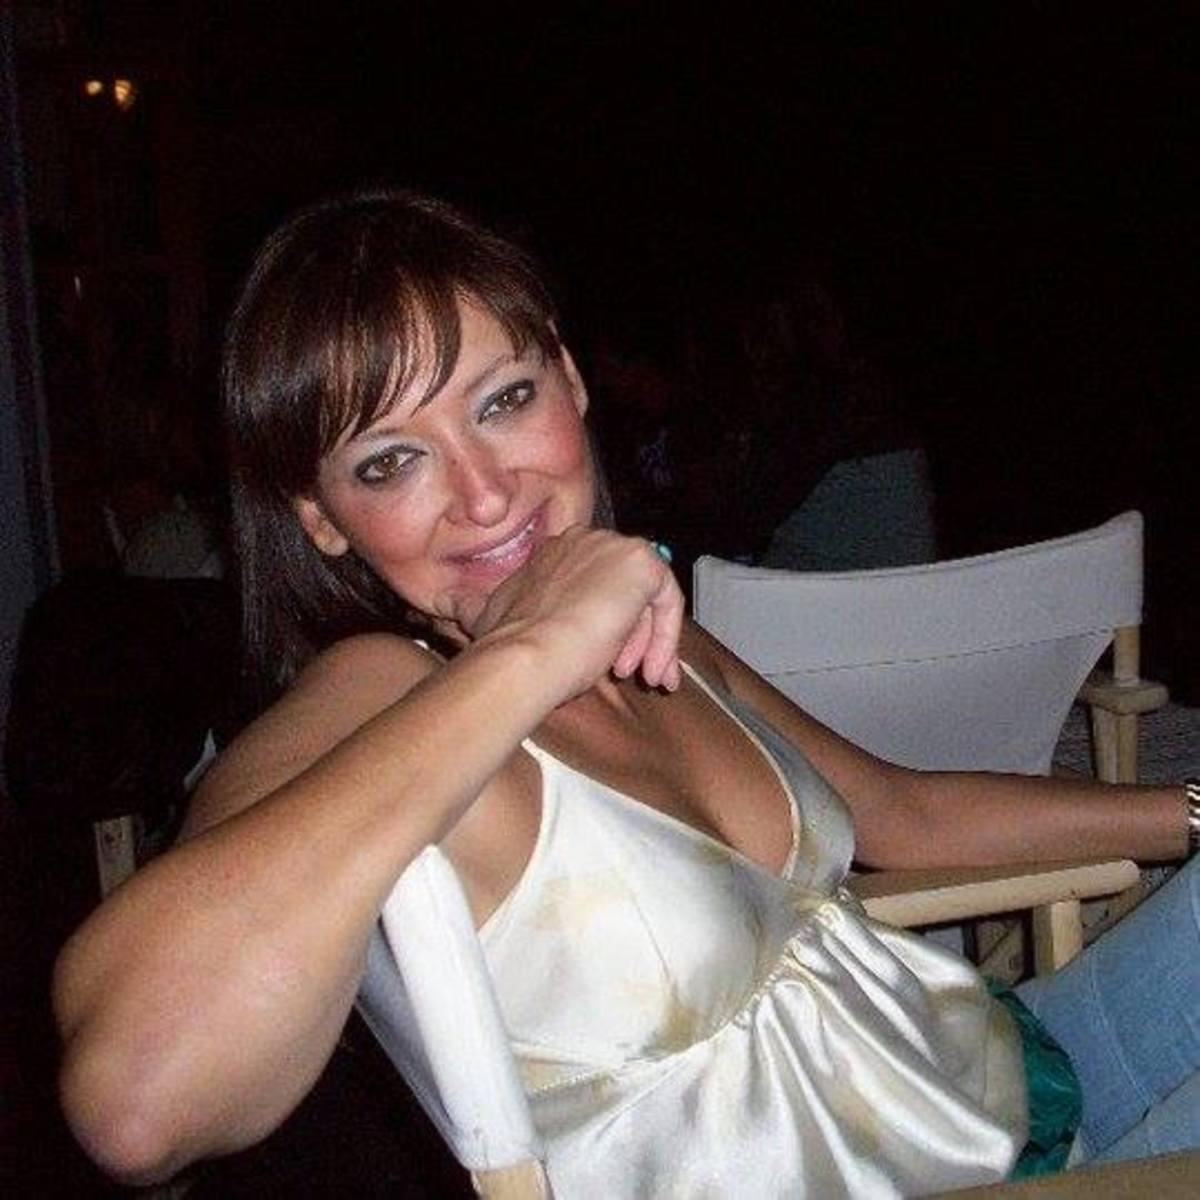 Πέθανε στα 45 της γνωστή διοργανώτρια γάμων και βαπτίσεων – Η θλίψη των φίλων της   Newsit.gr